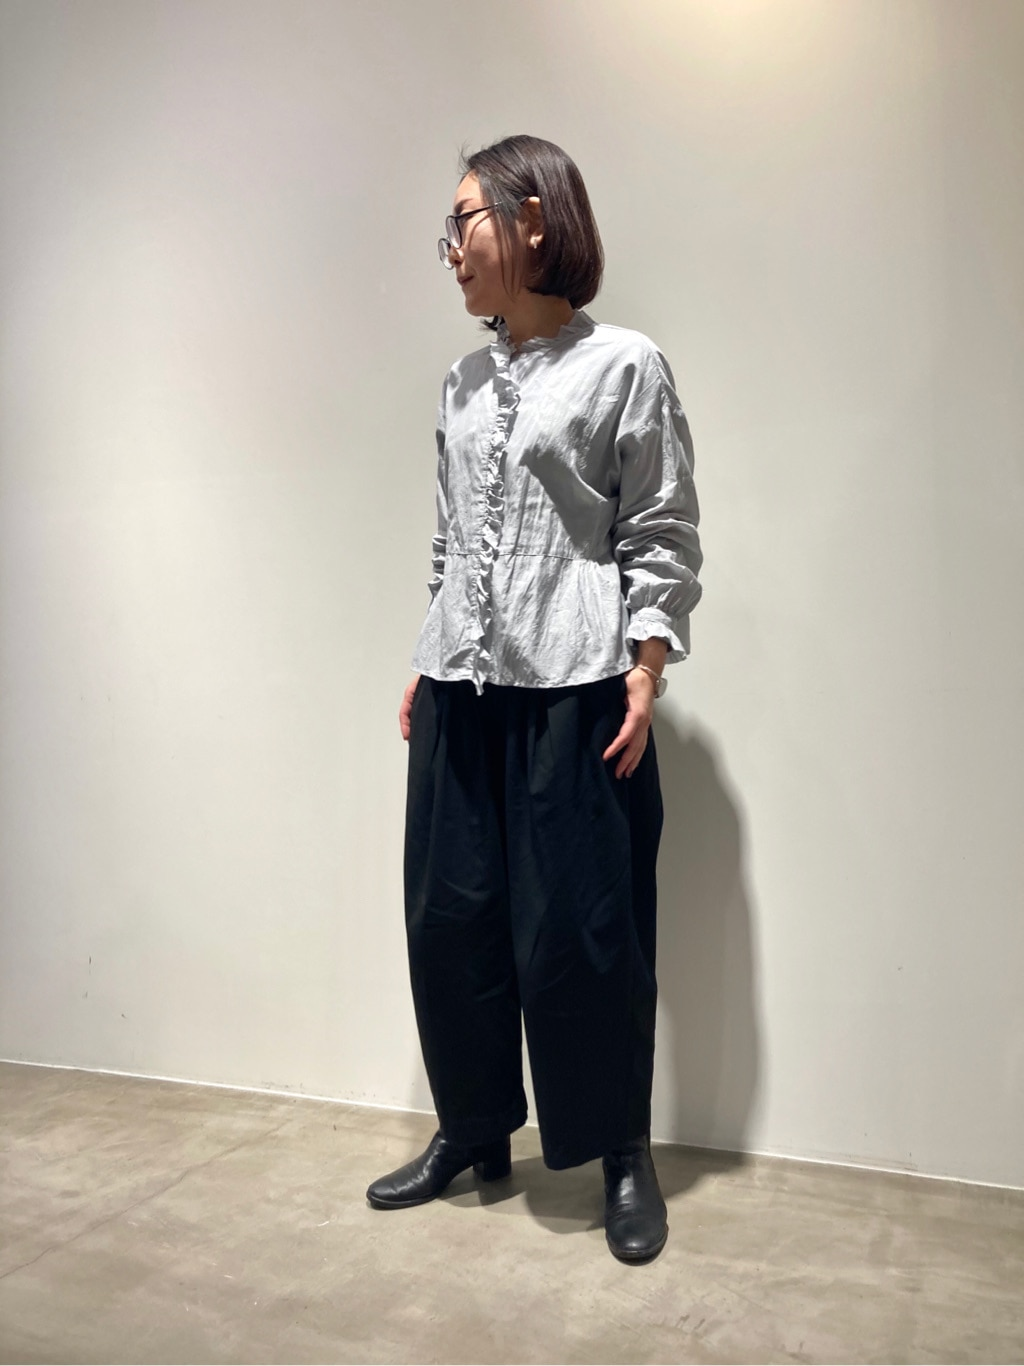 yuni 京都路面 身長:152cm 2021.02.03